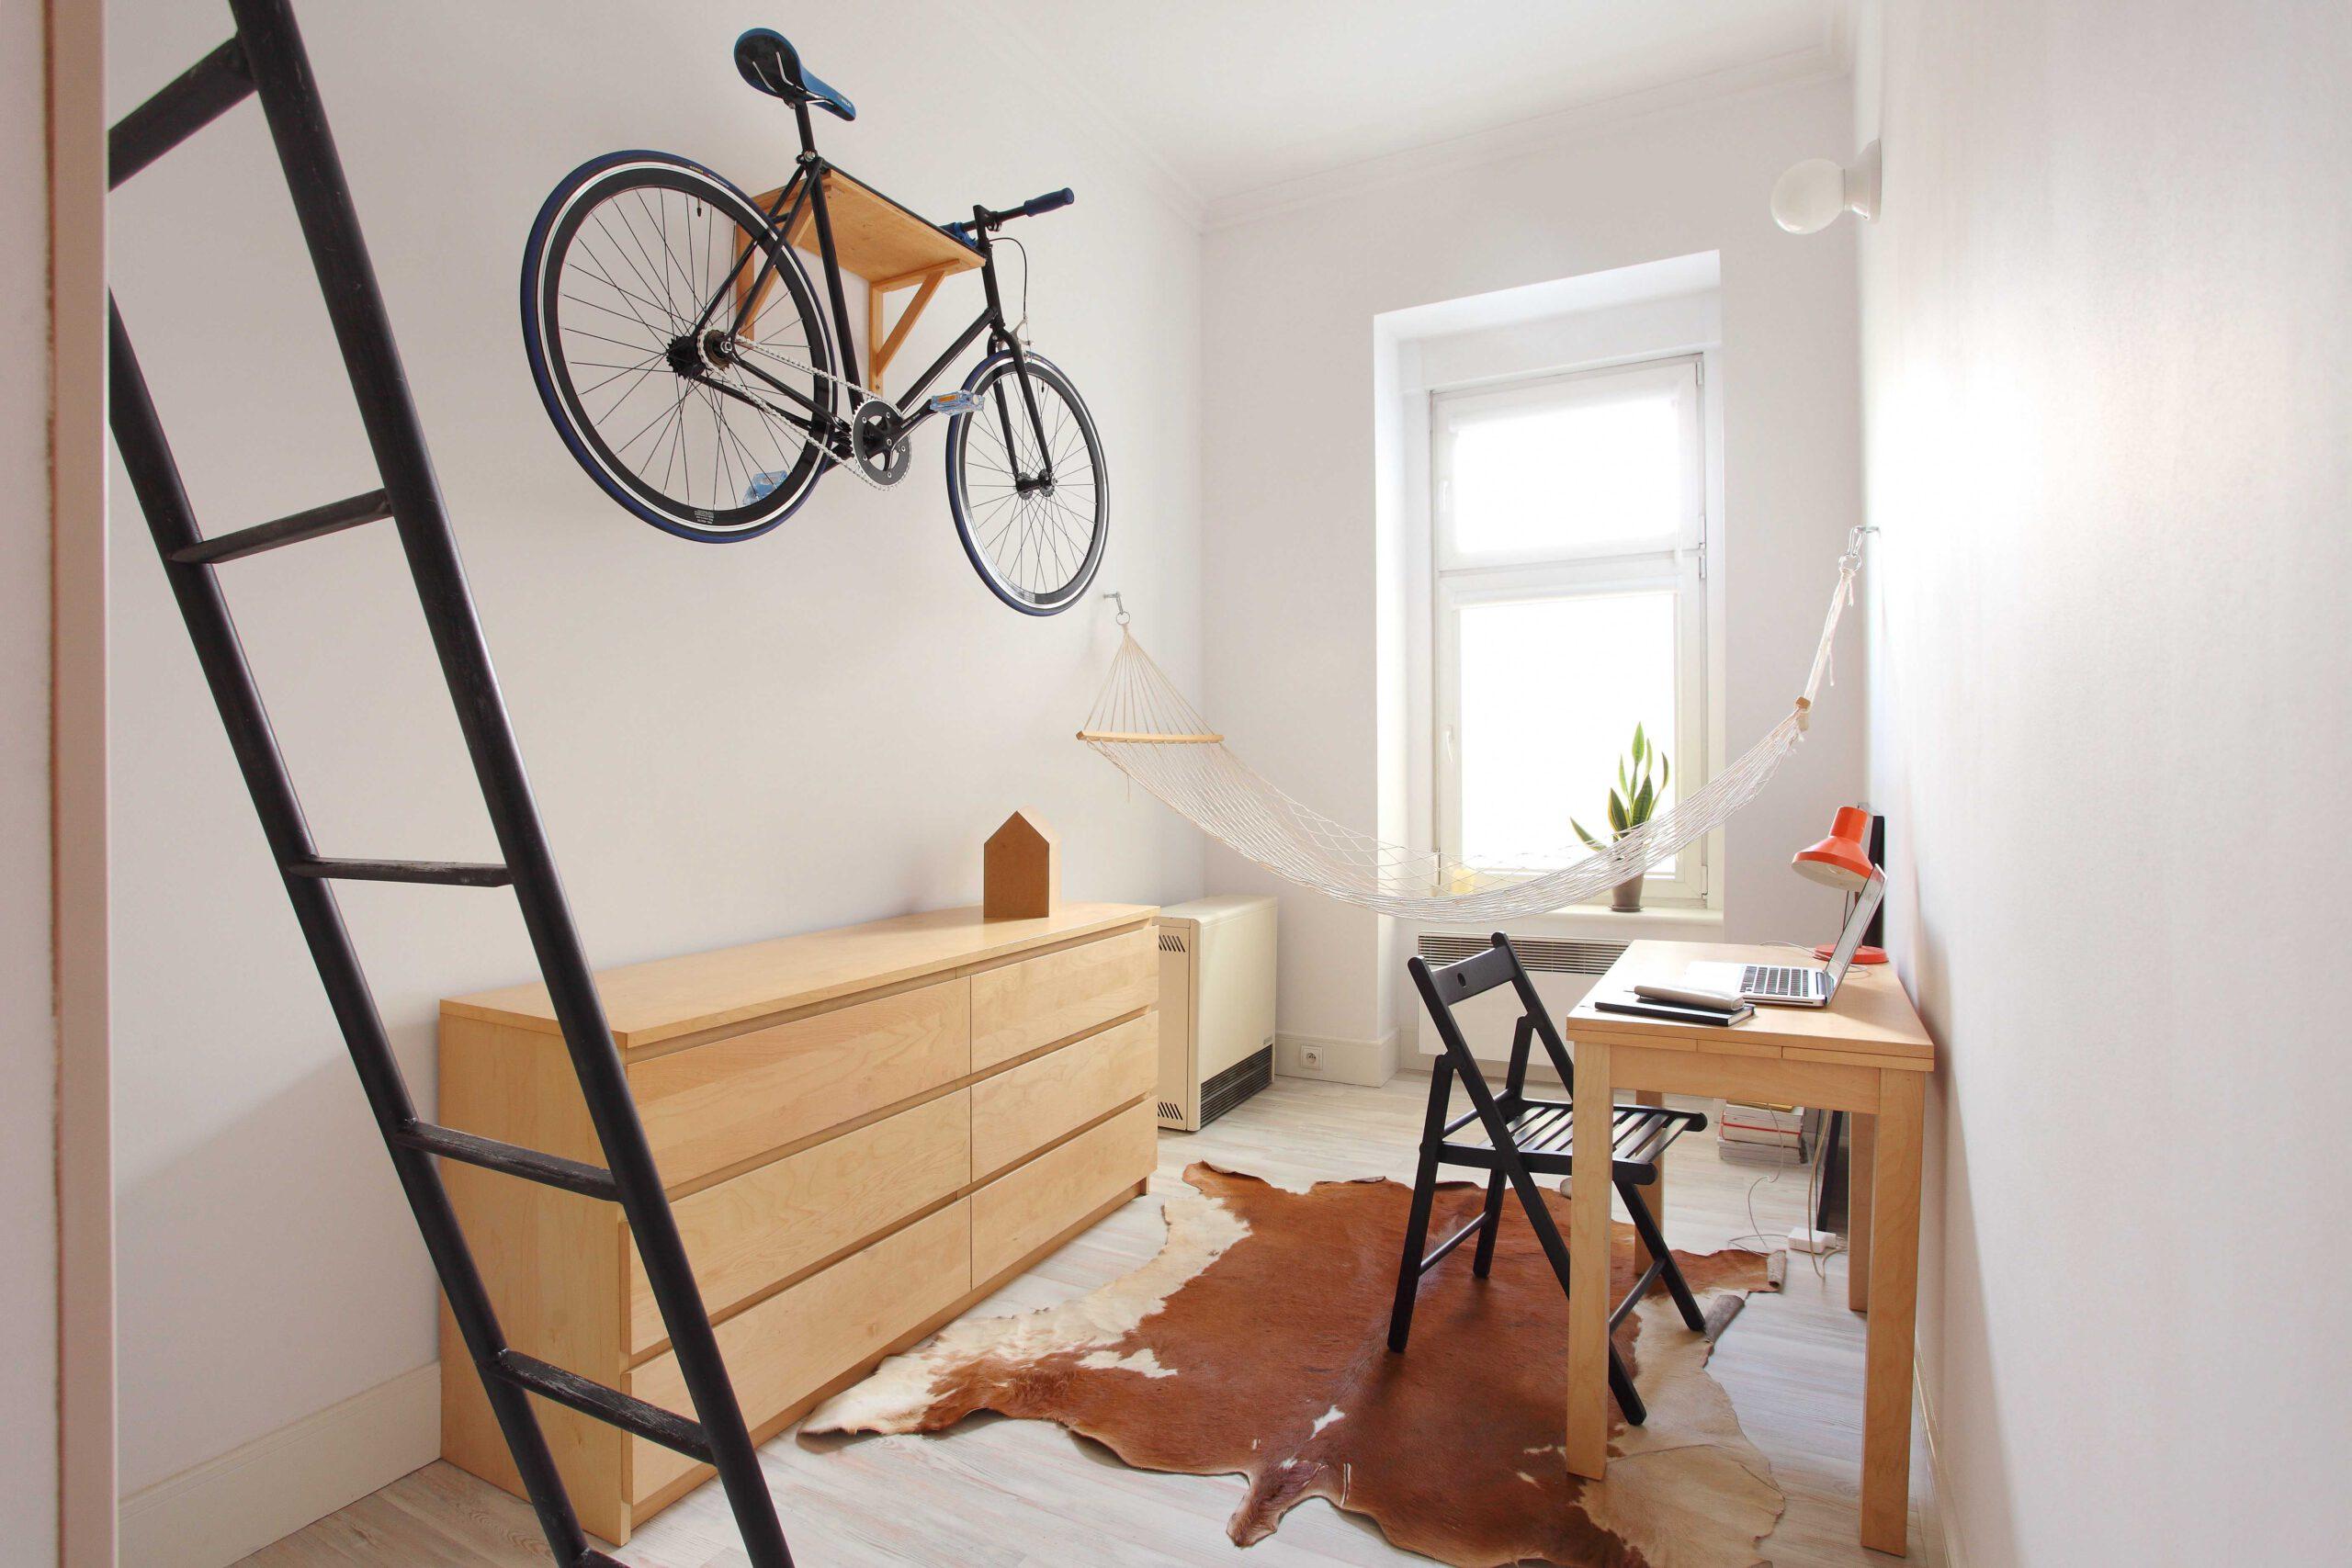 małe mieszkanie optycznie powiększone